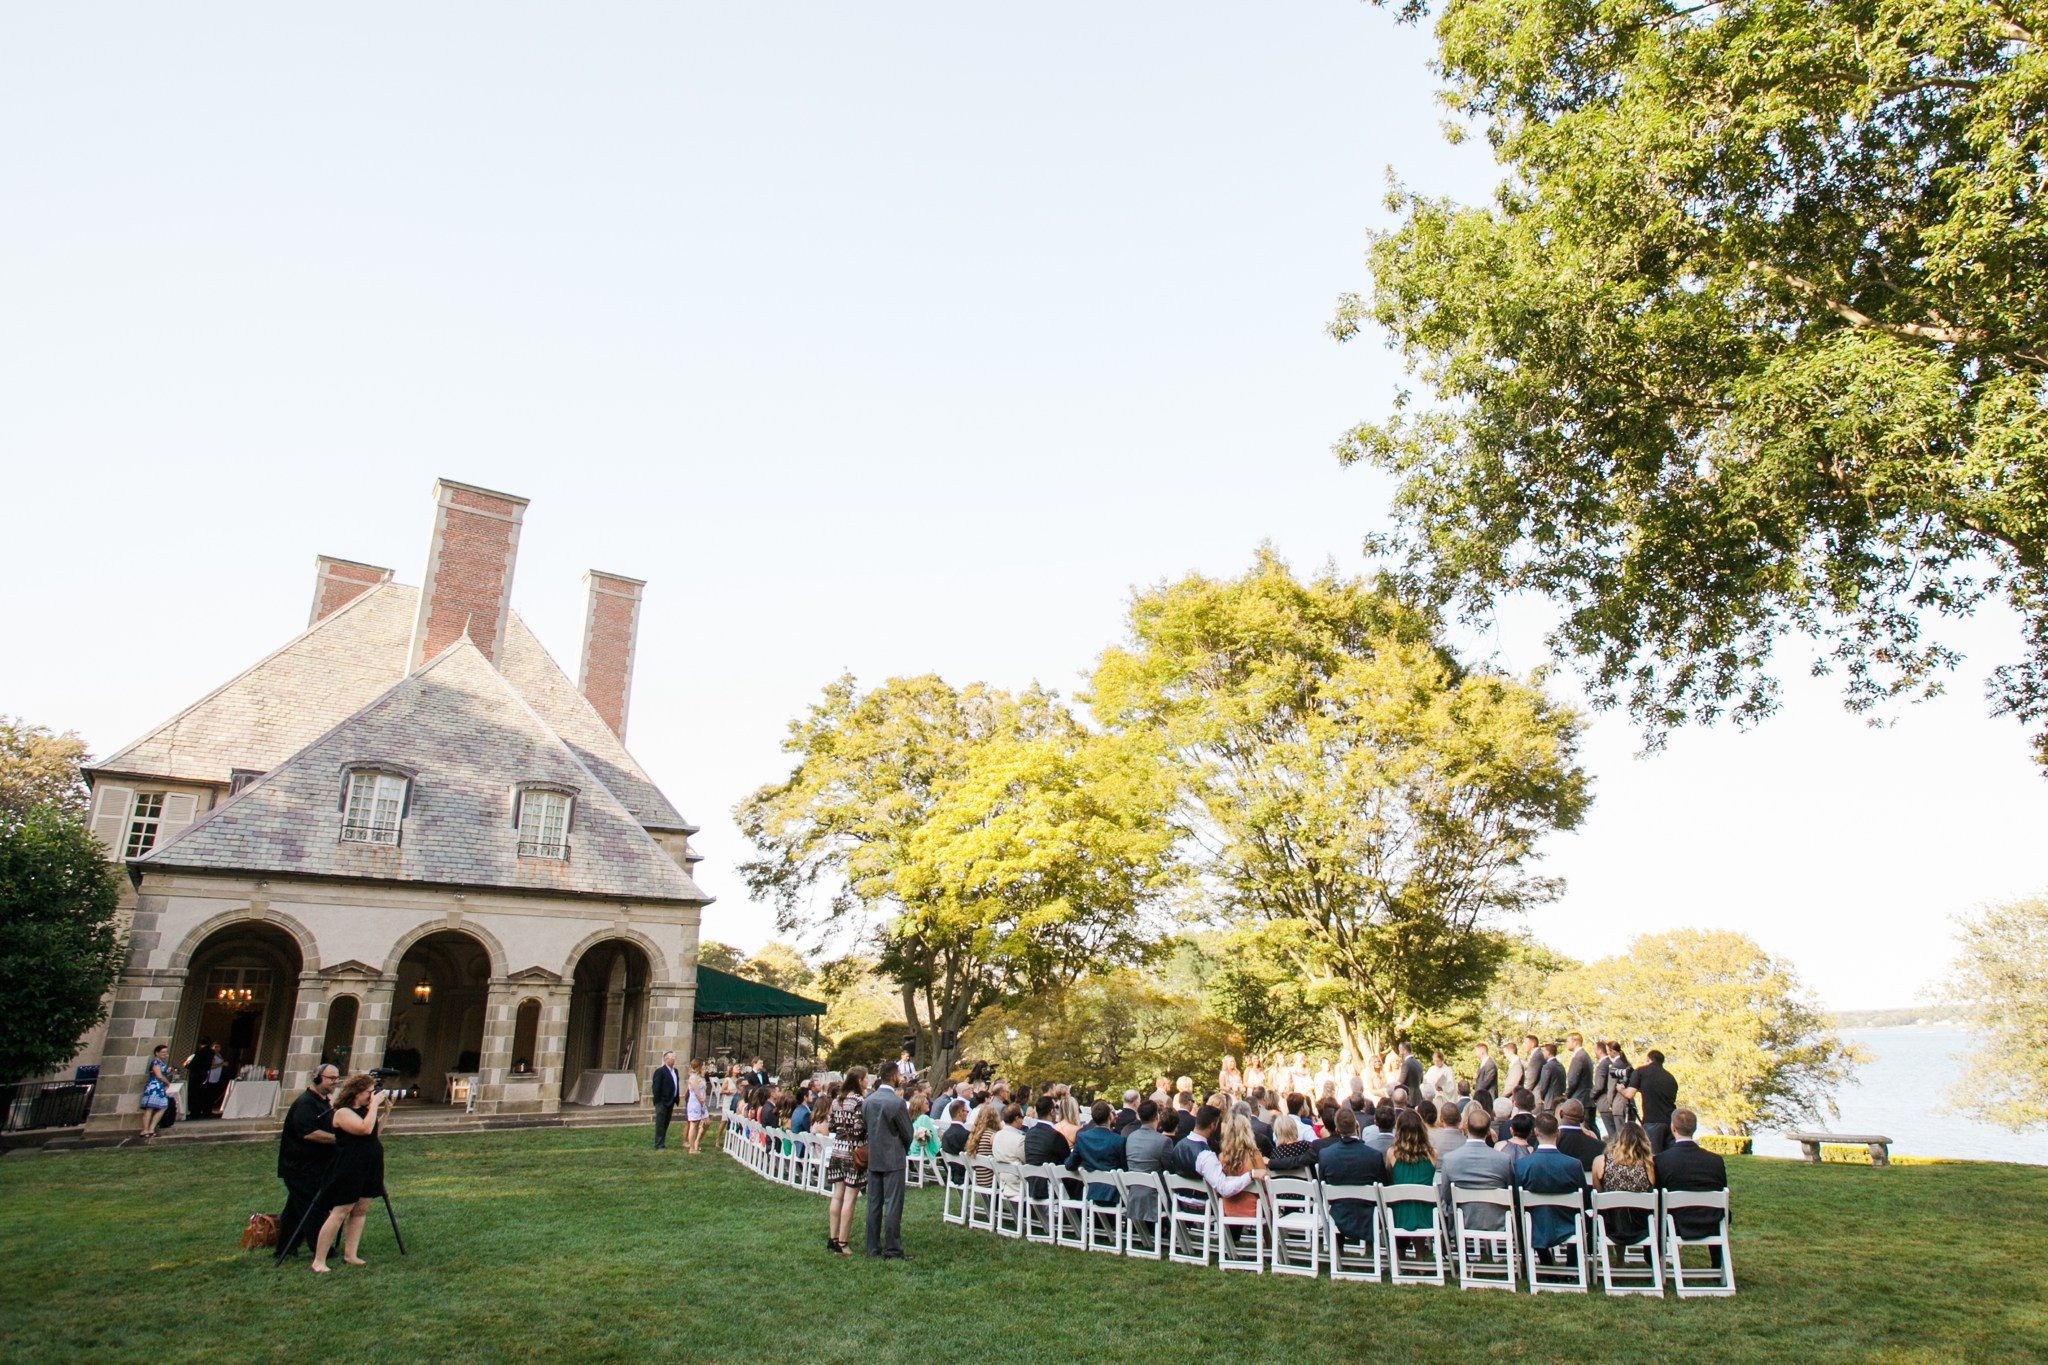 glen_manor_house_wedding_deborah_zoe_00037.JPG